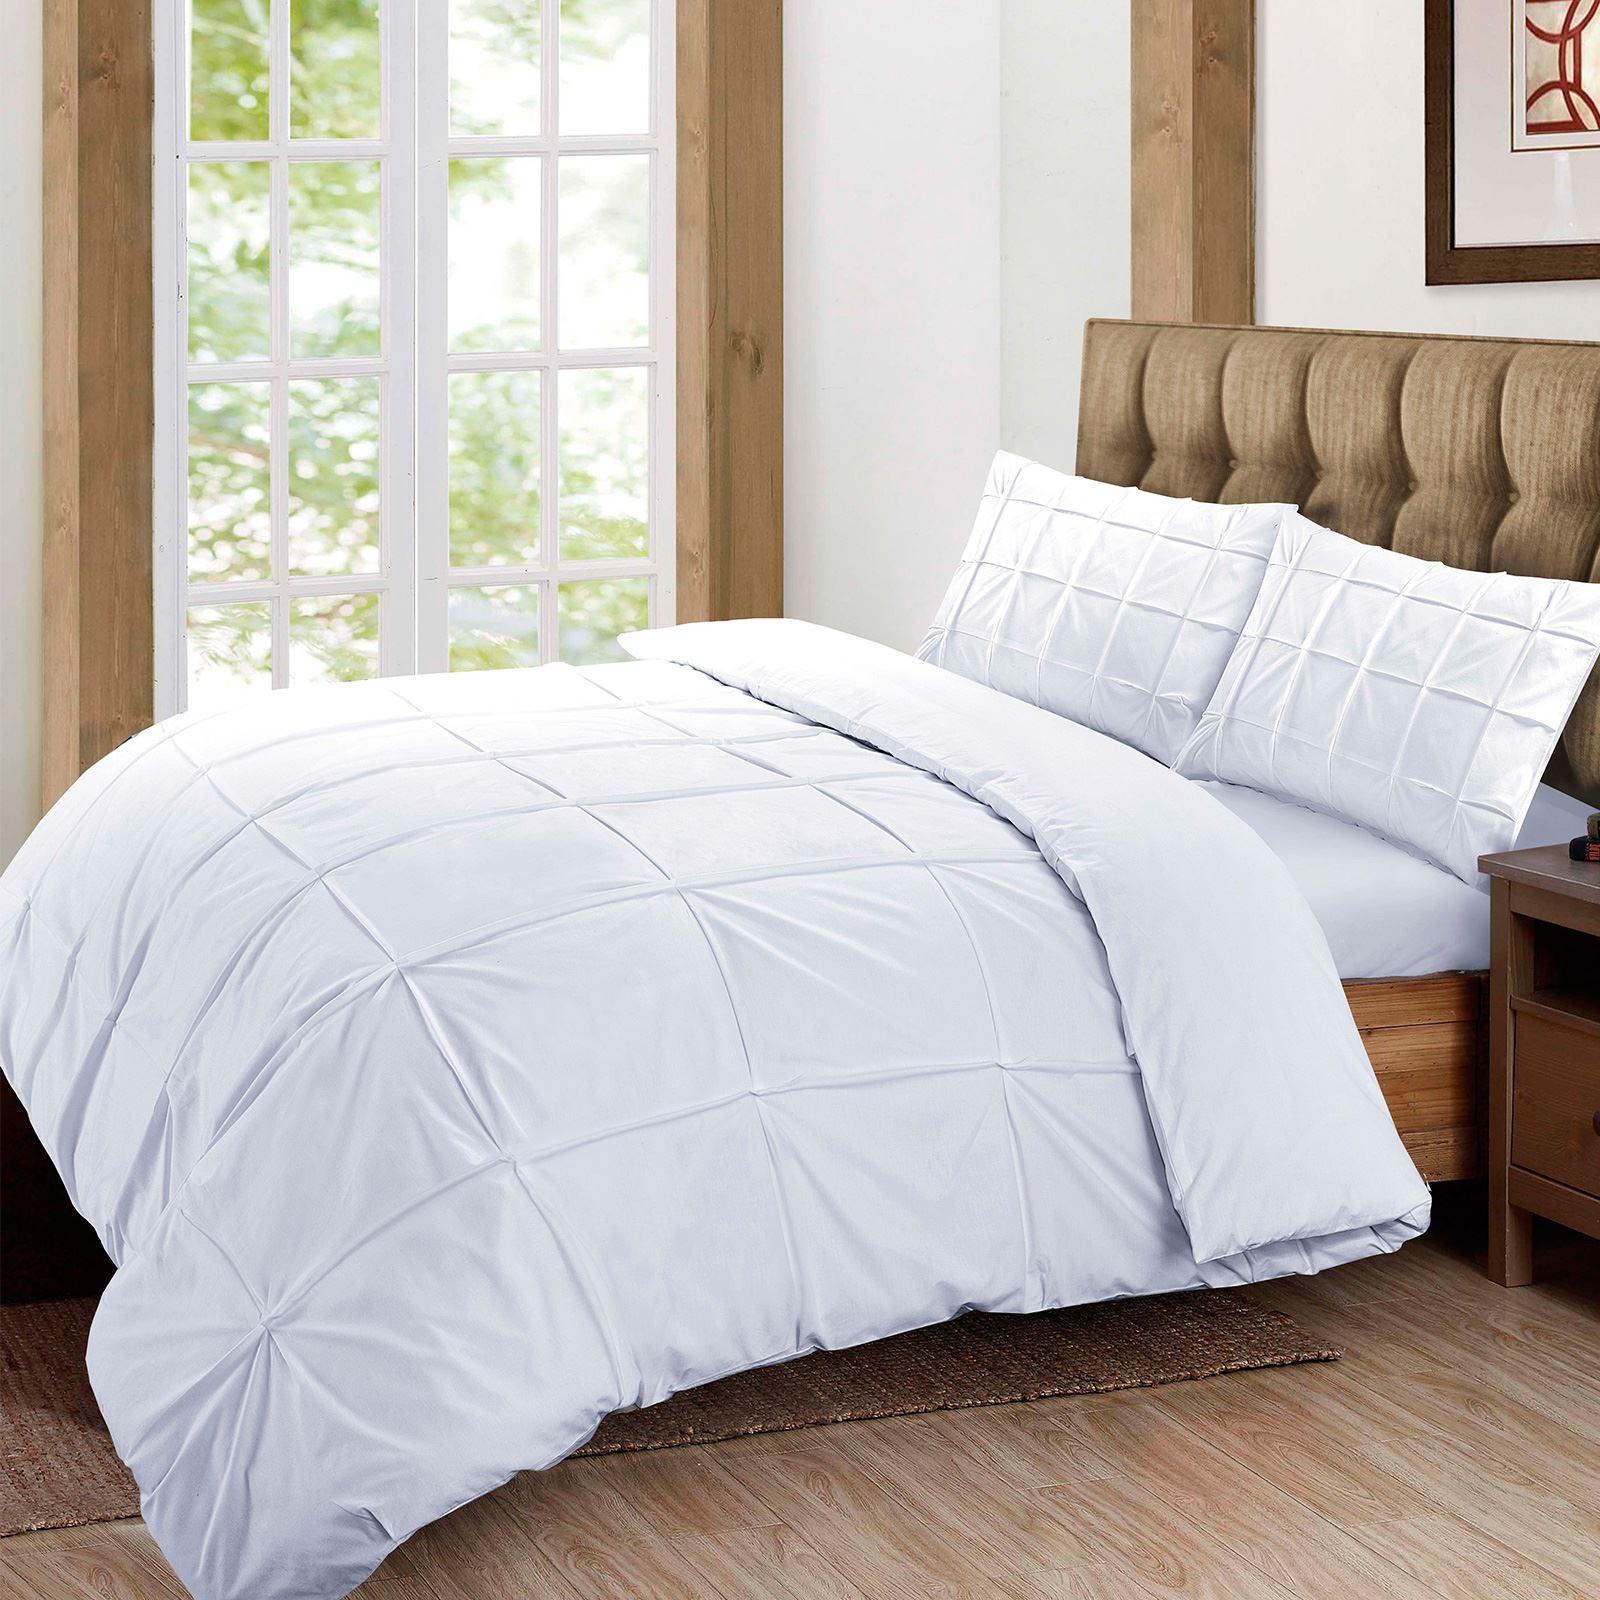 100-Coton-Egyptien-de-couette-couette-Set-Simple-Double-King-Size-Bed-sheets miniature 5